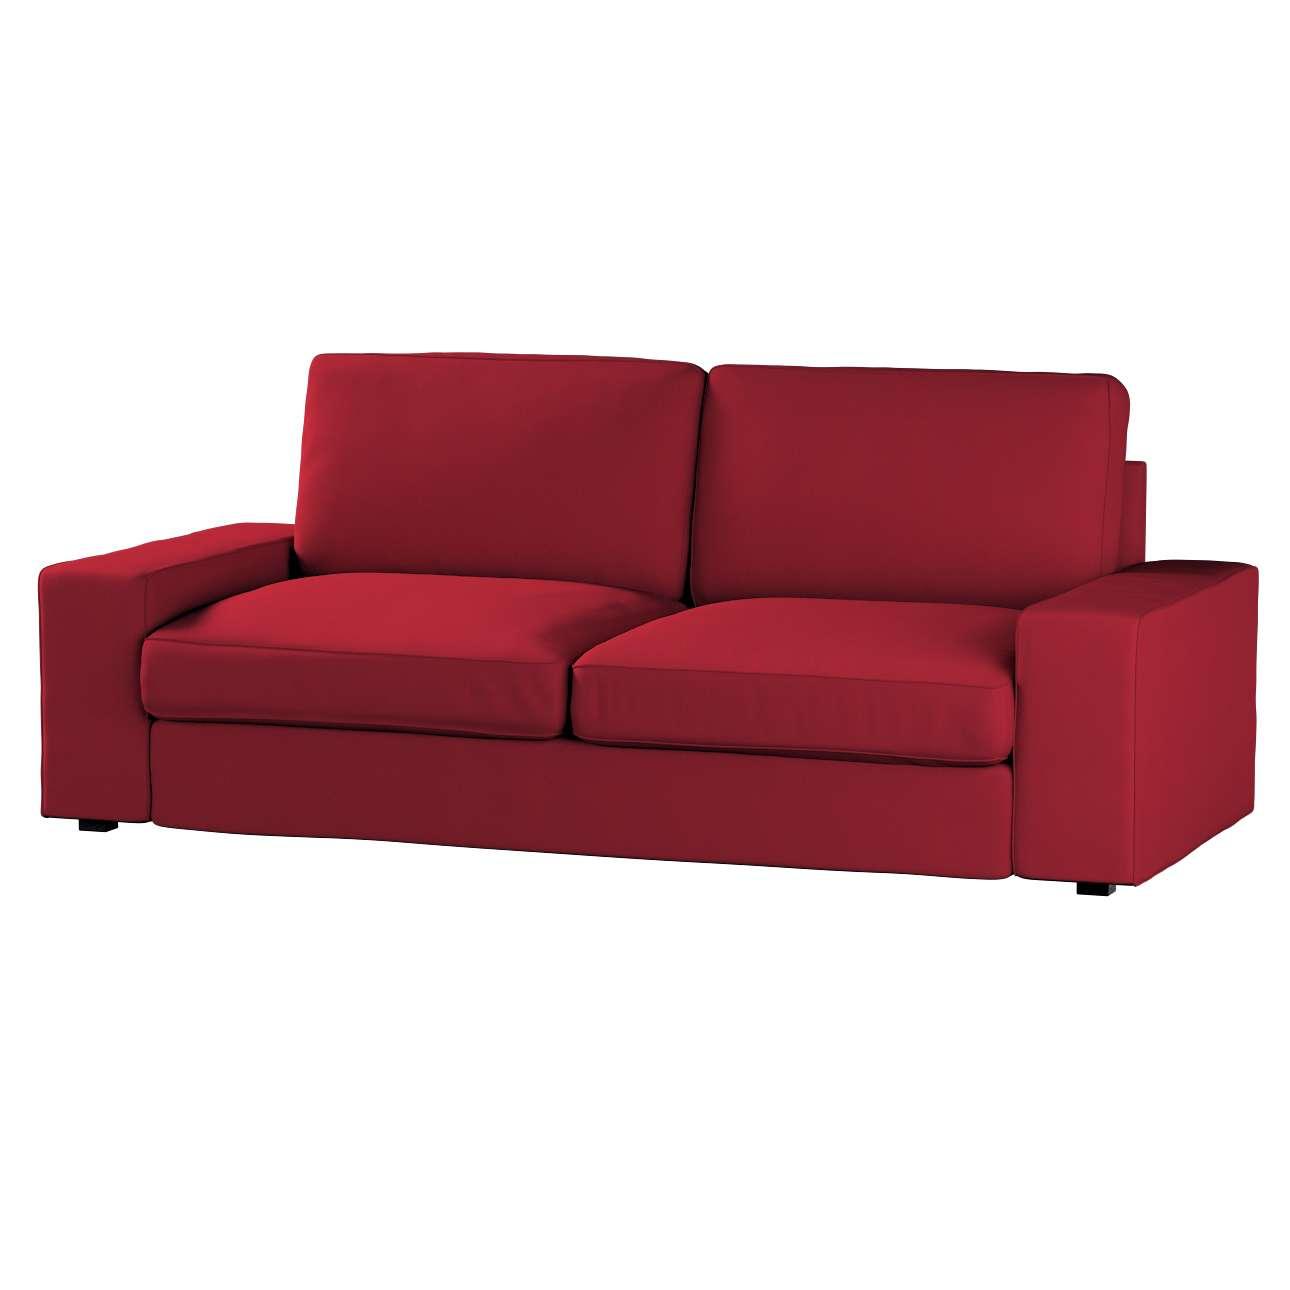 Poťah na sedačku Kivik 3-os., rozkladacia Poťah na sedačku Kivik 3-os. rozkladacia V kolekcii Chenille, tkanina: 702-24